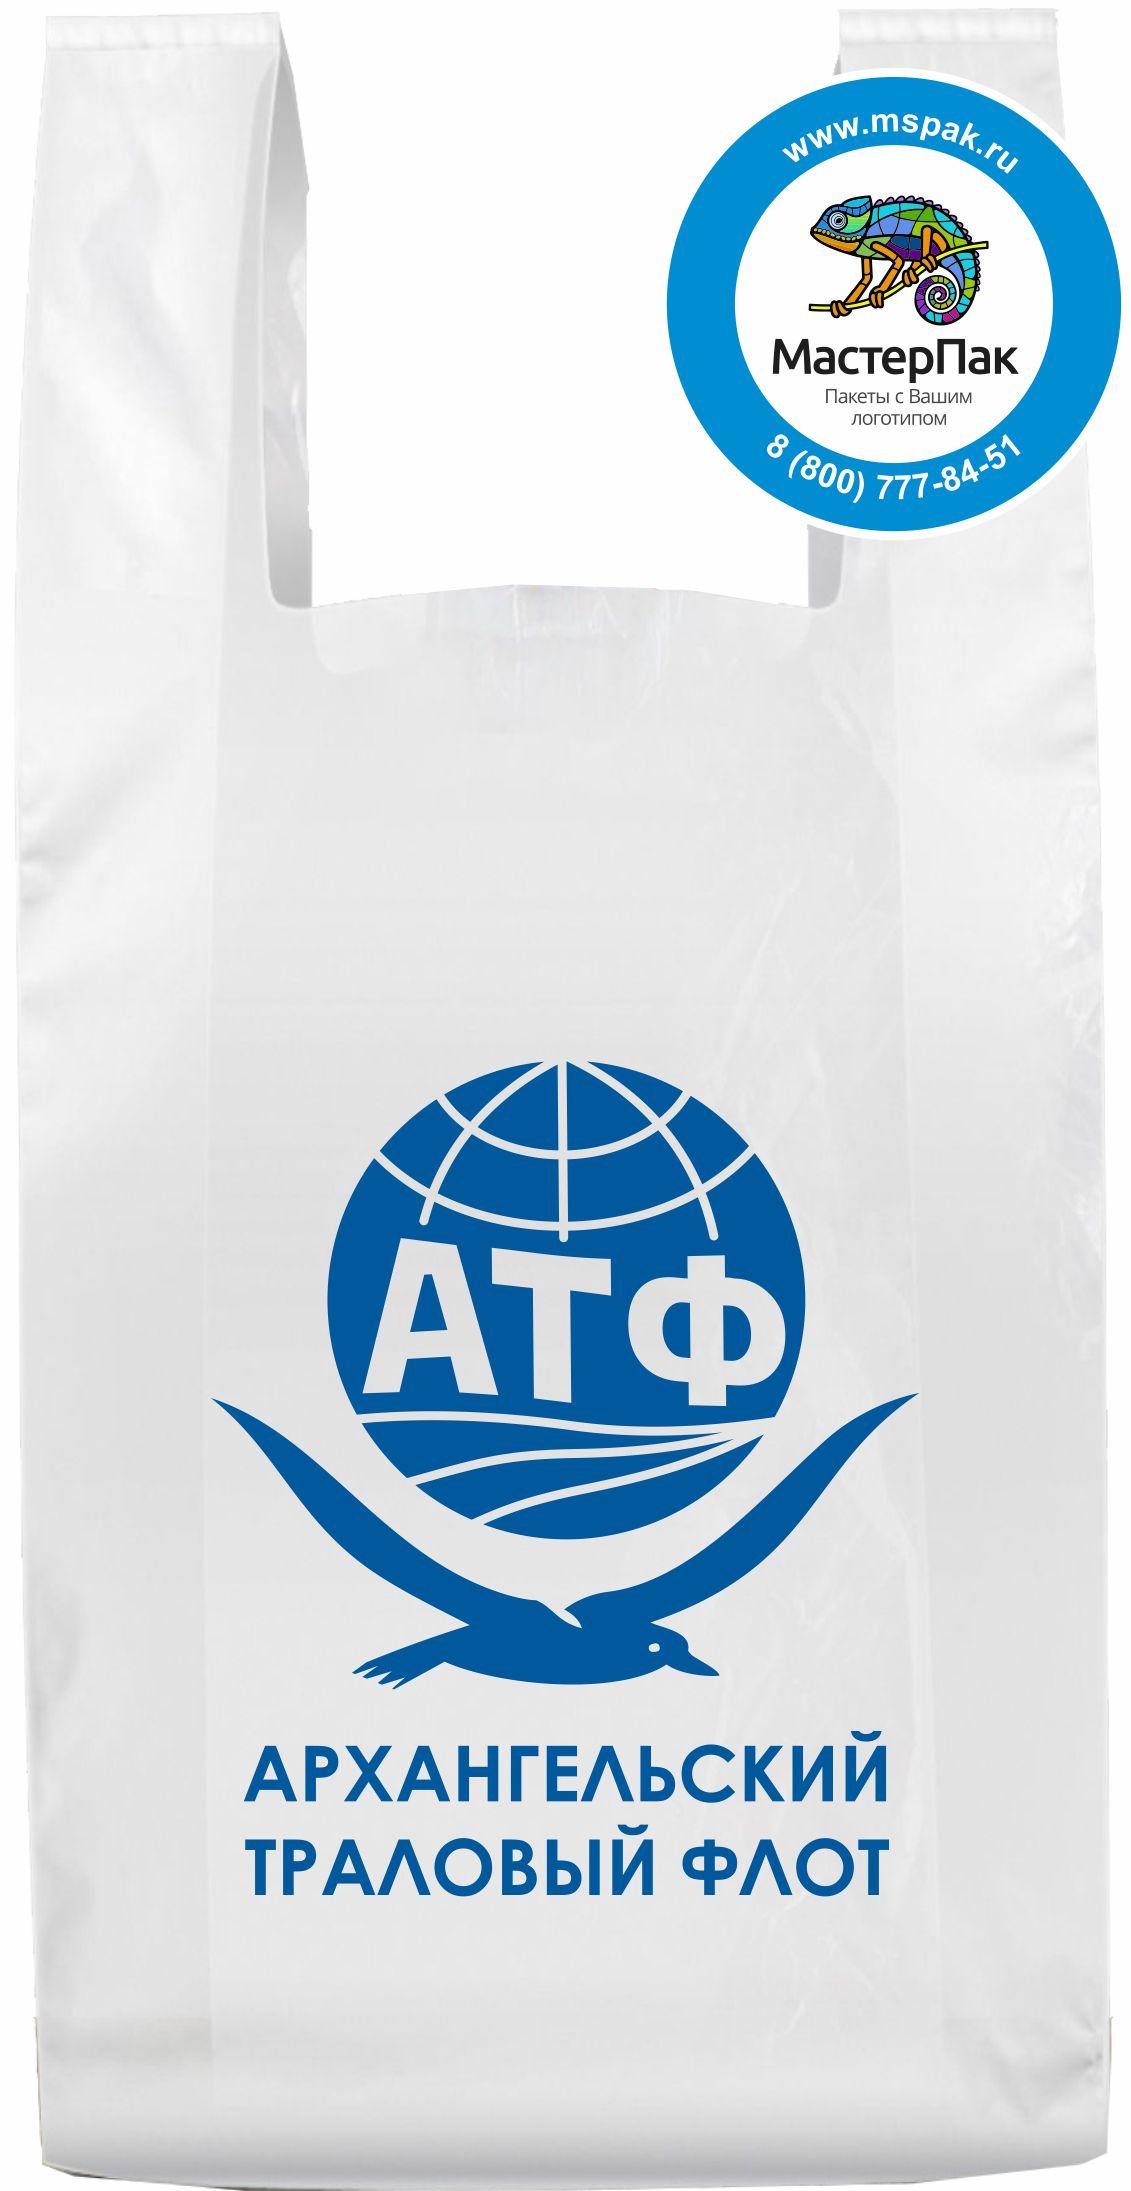 Пакет майка с логотипом Архангельский траловый флот